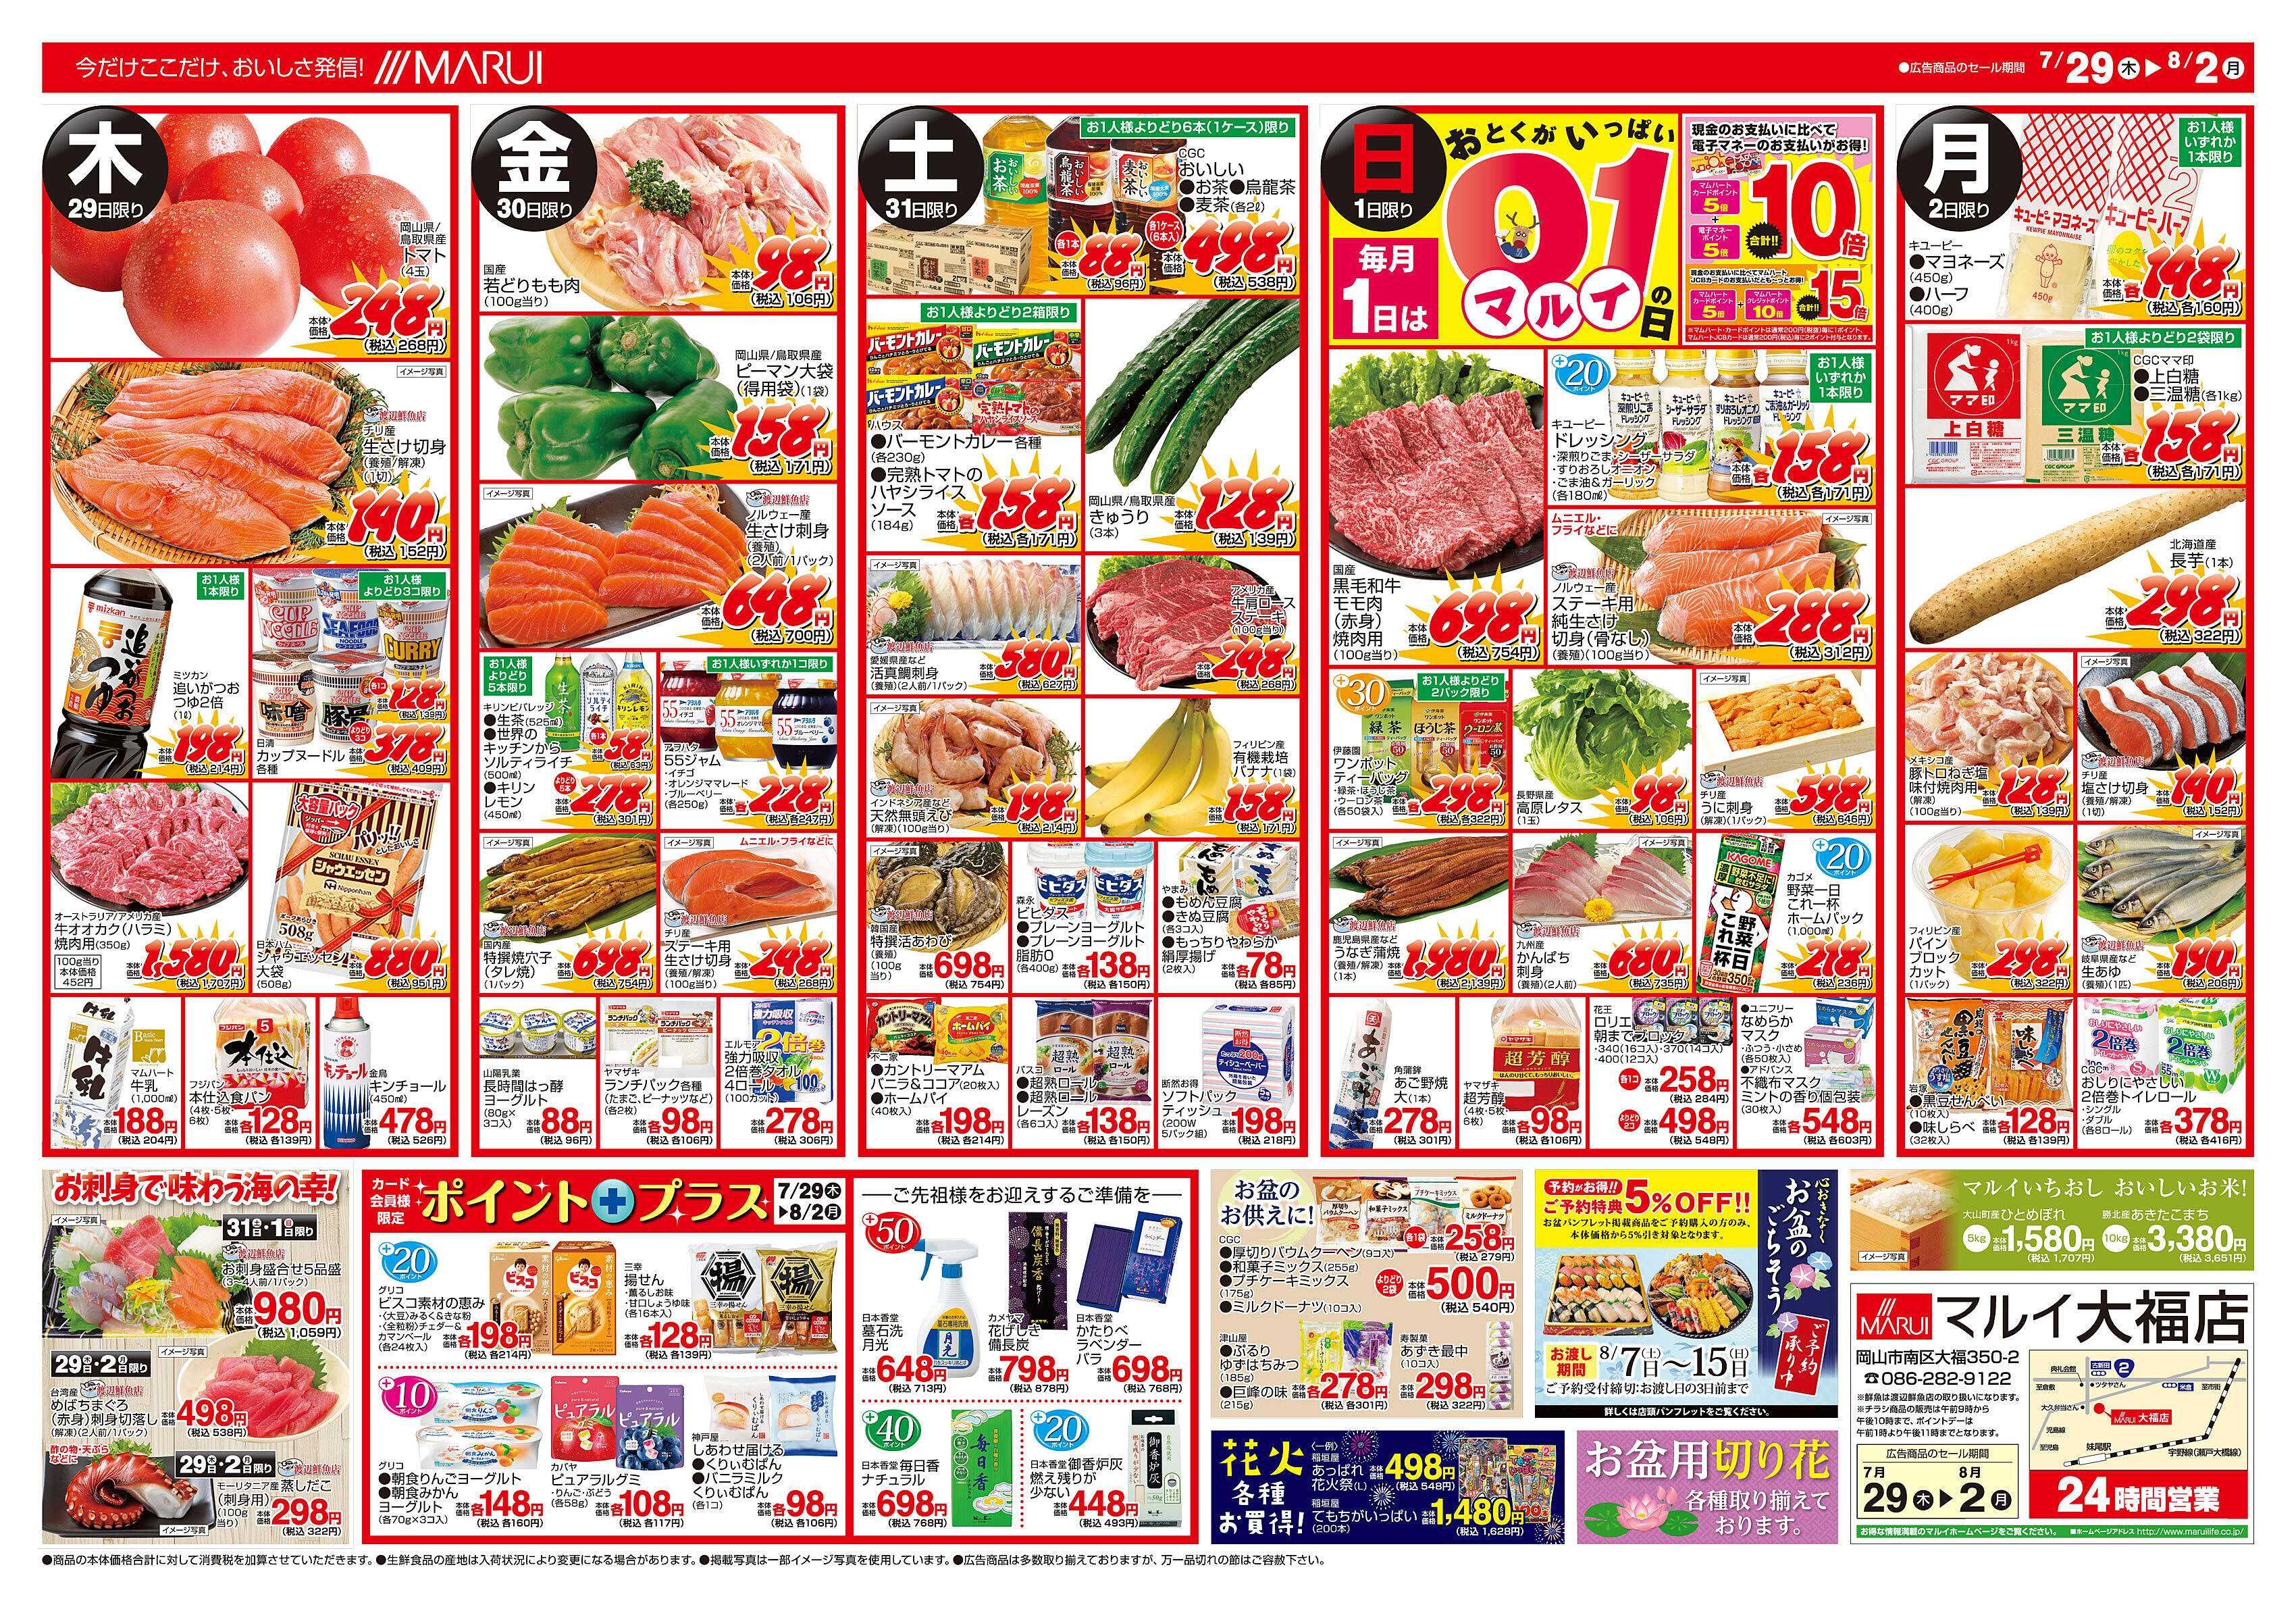 マルイ 【チラシ期間7/29~8/2】真夏の肉まつり!!